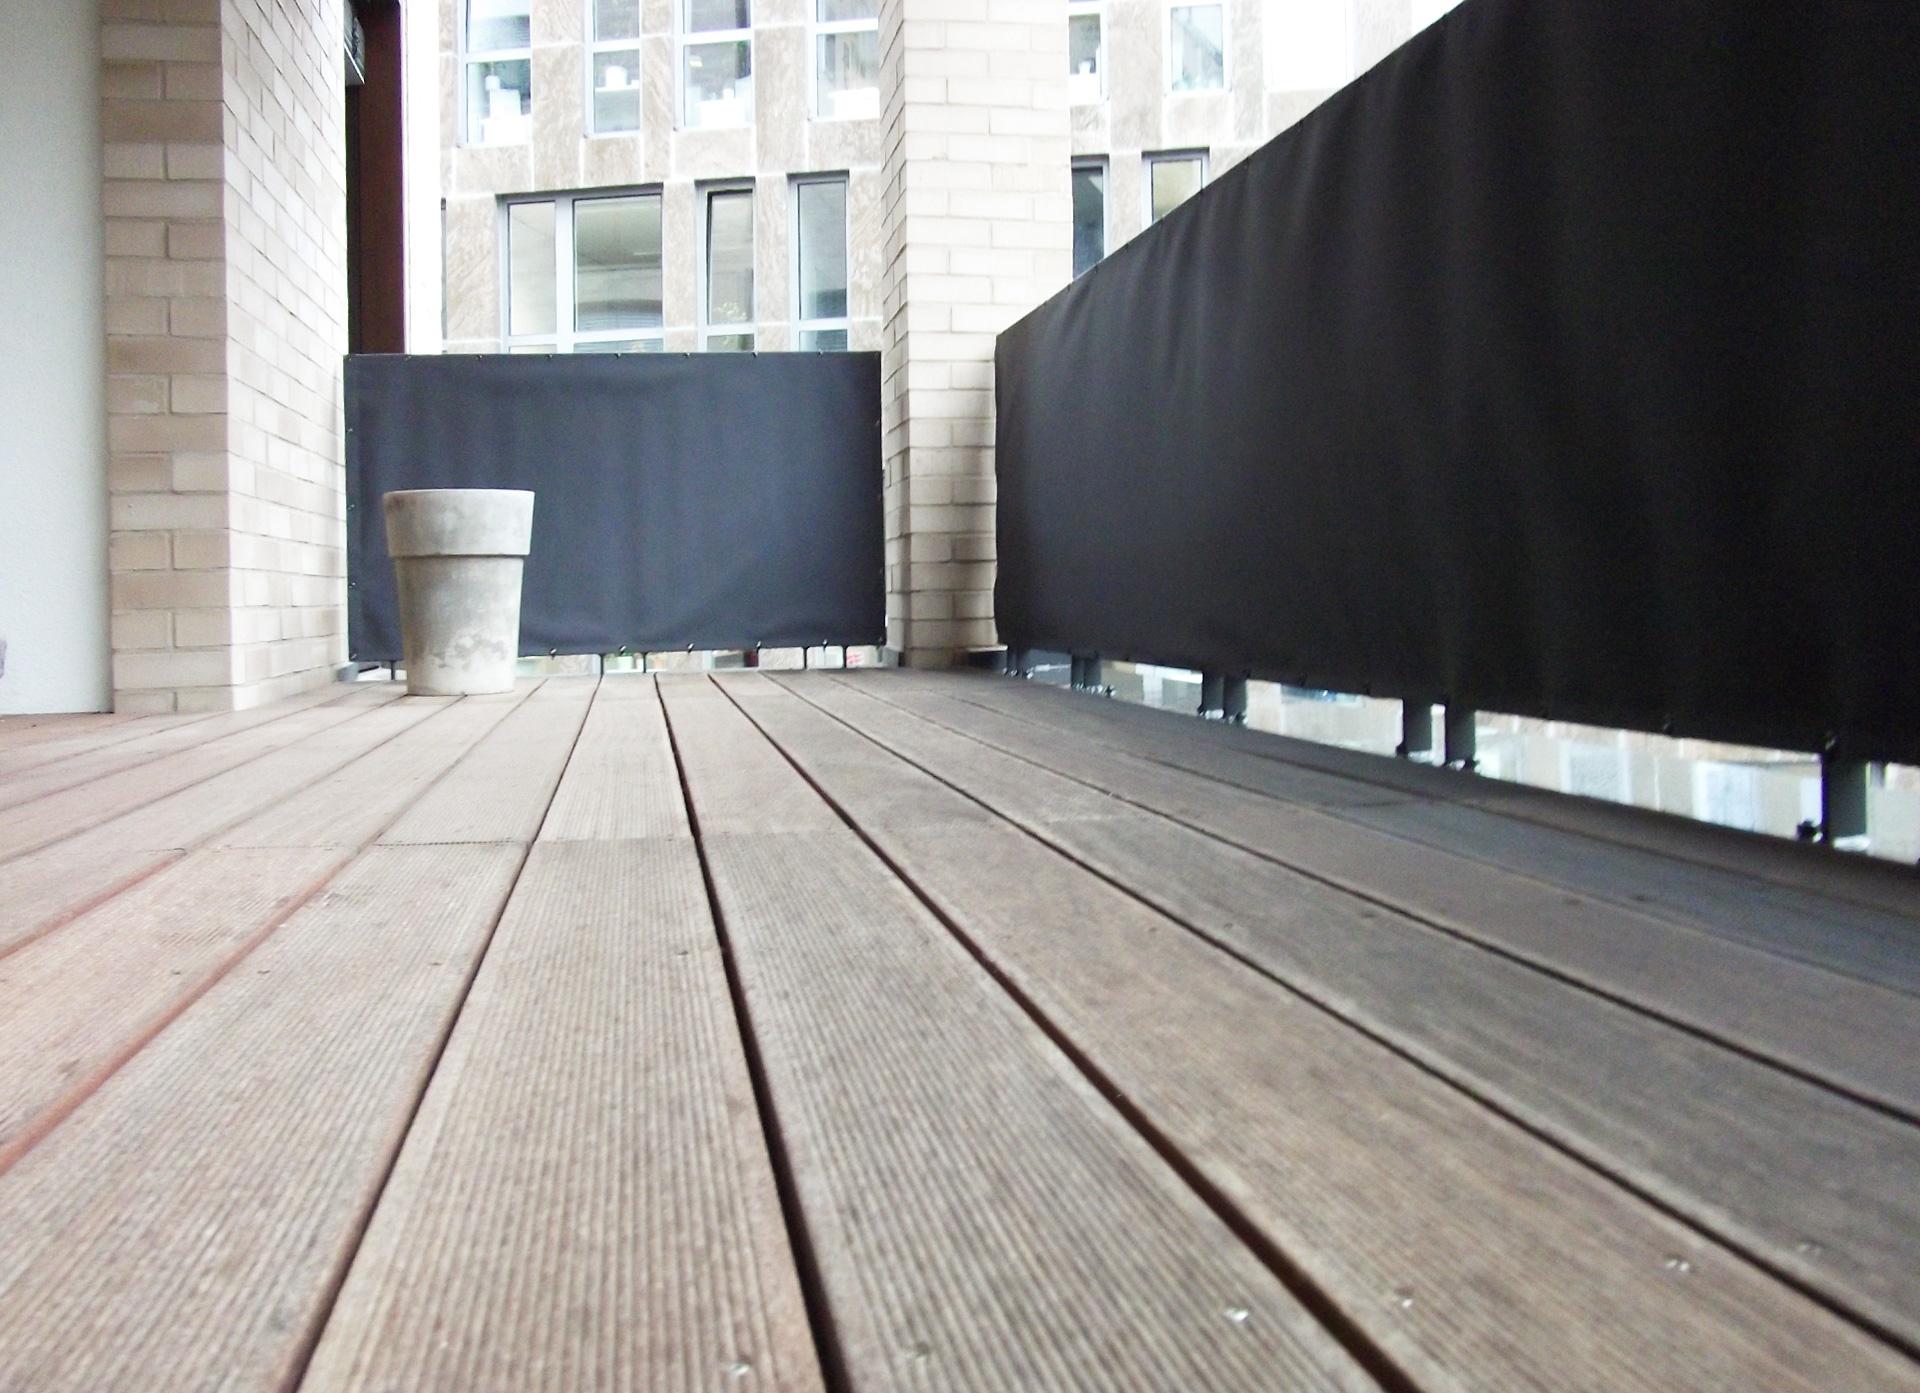 Hinterseer Parkett Köln : Balkonbespannung u2013 raumausstattung silko schüler köln nippes